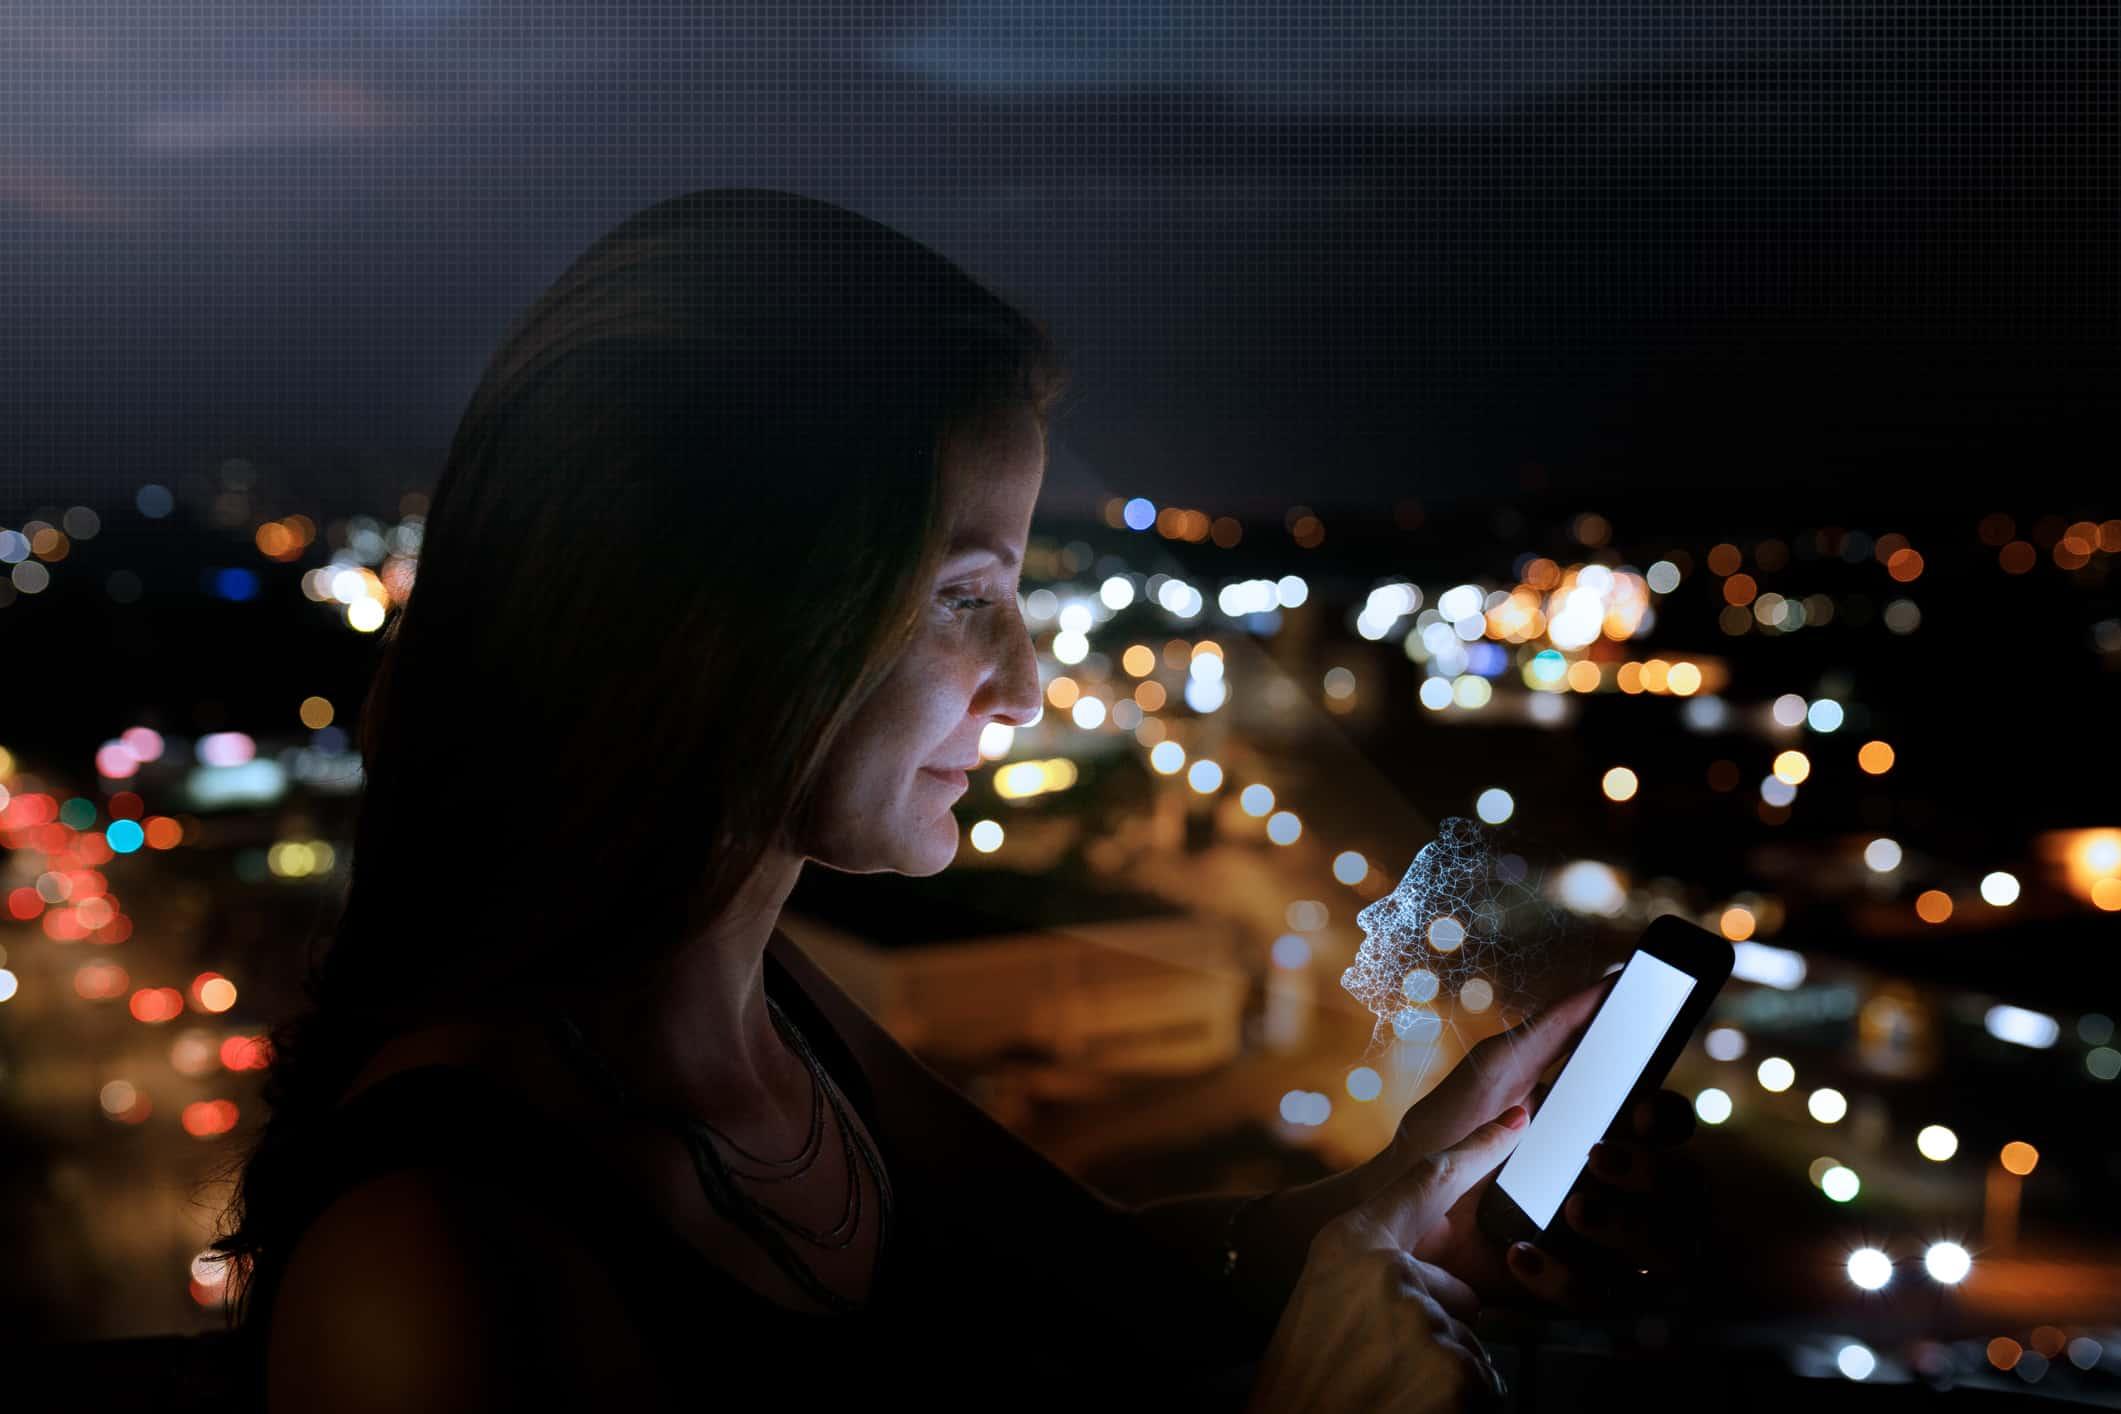 Inovação tecnológica prevê um mundo passwordless e com mais reconhecimento facial